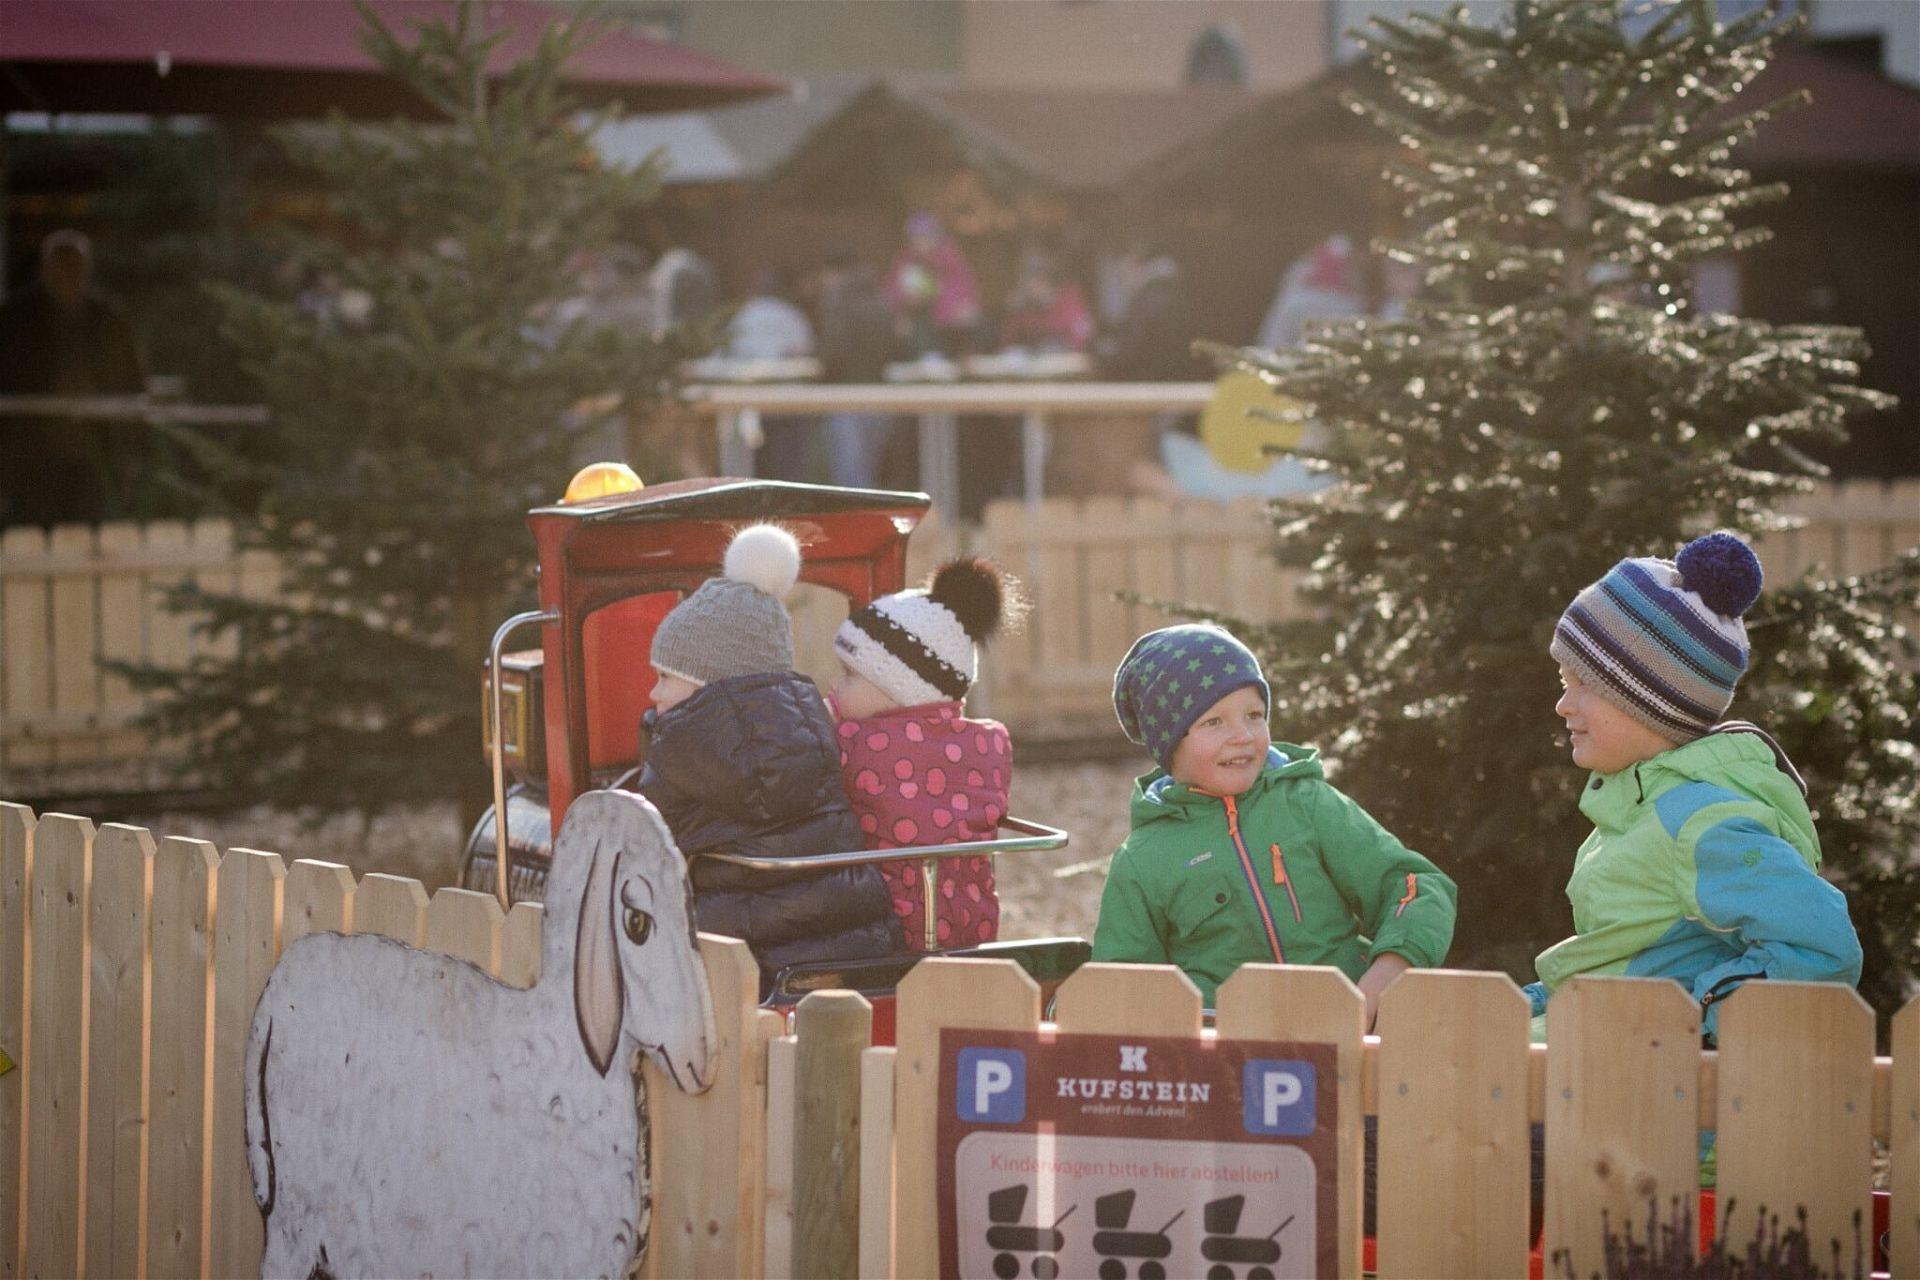 Weihnachtsmarkt Stadtpark Kufstein